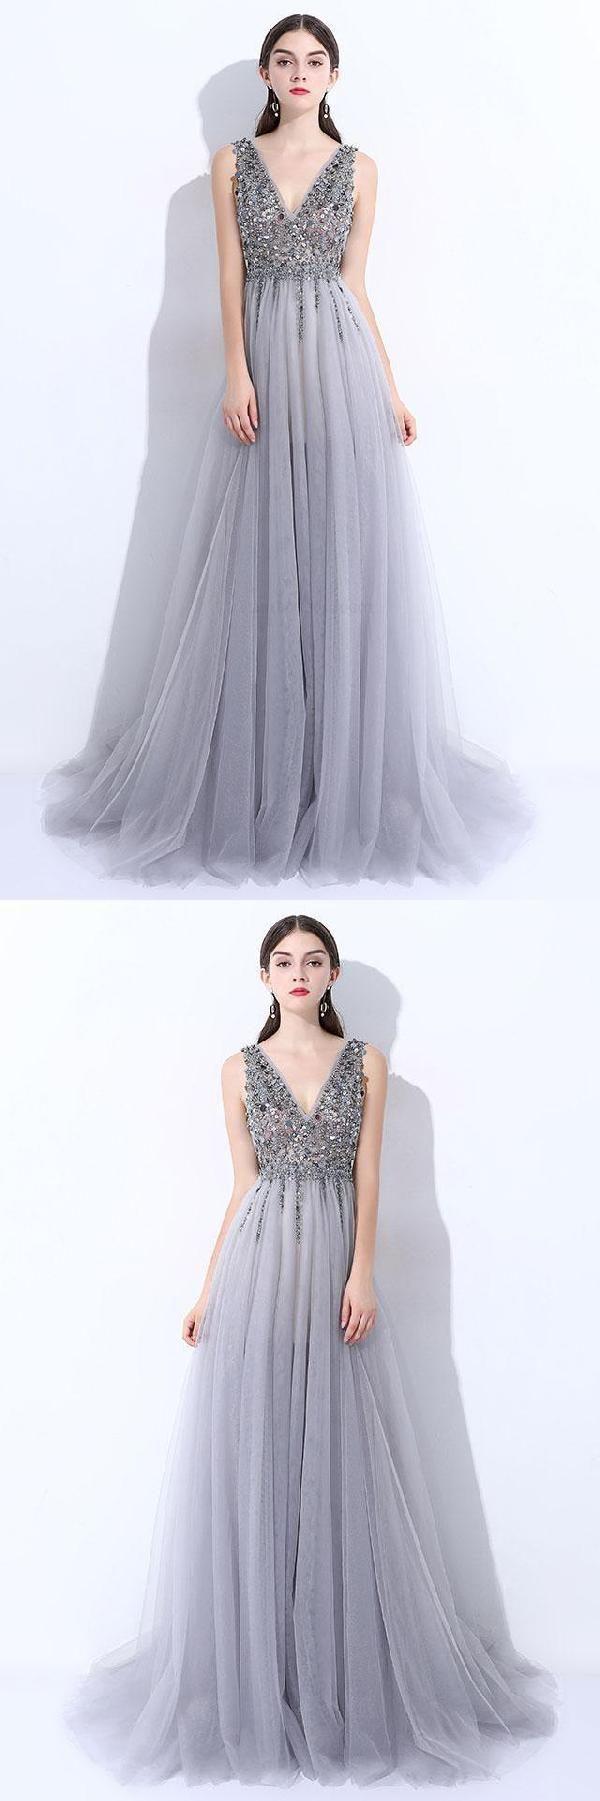 Vneck prom dresses prom dresses long vneck prom dresses long